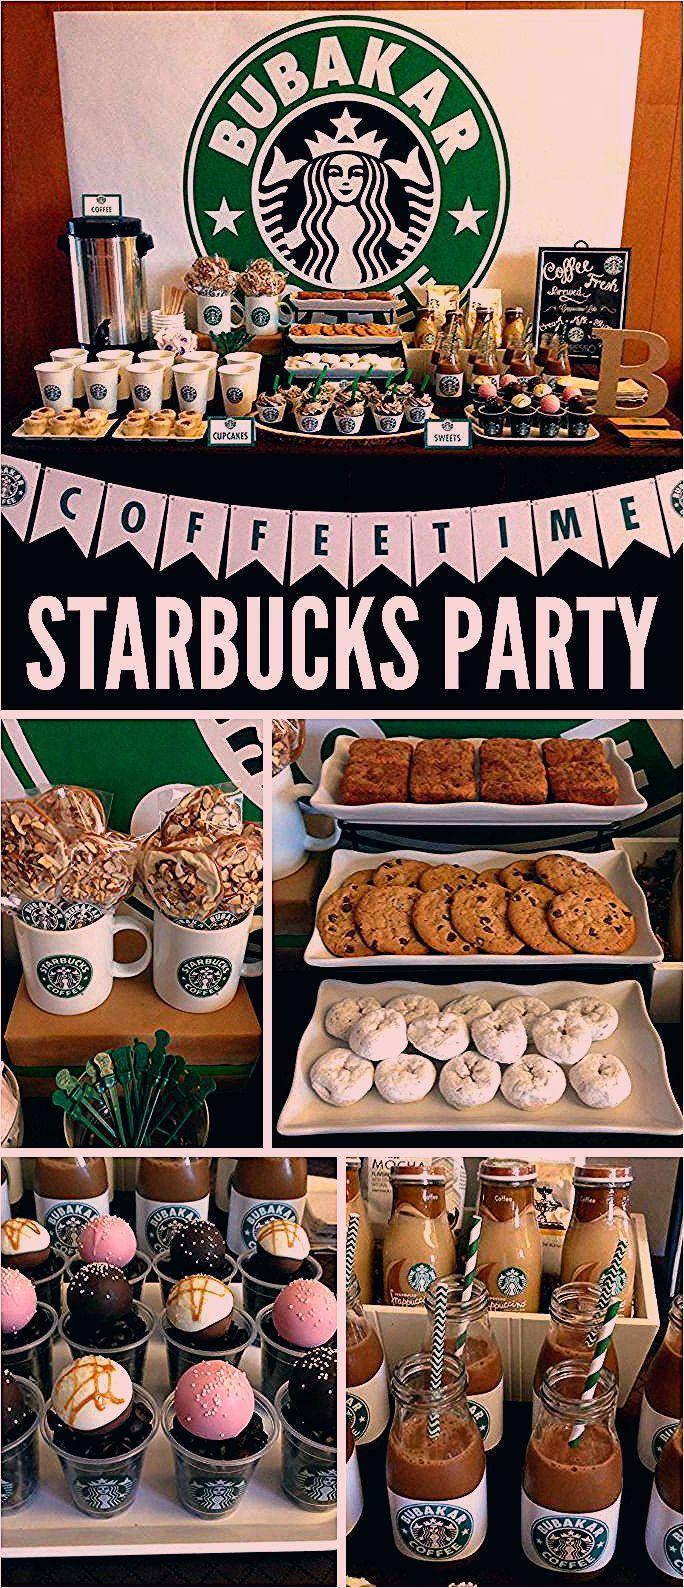 Photo of Eine Starbucks Coffee Dessert Bar mit einer Kaffeebar und Starbucks Cake Pops und …